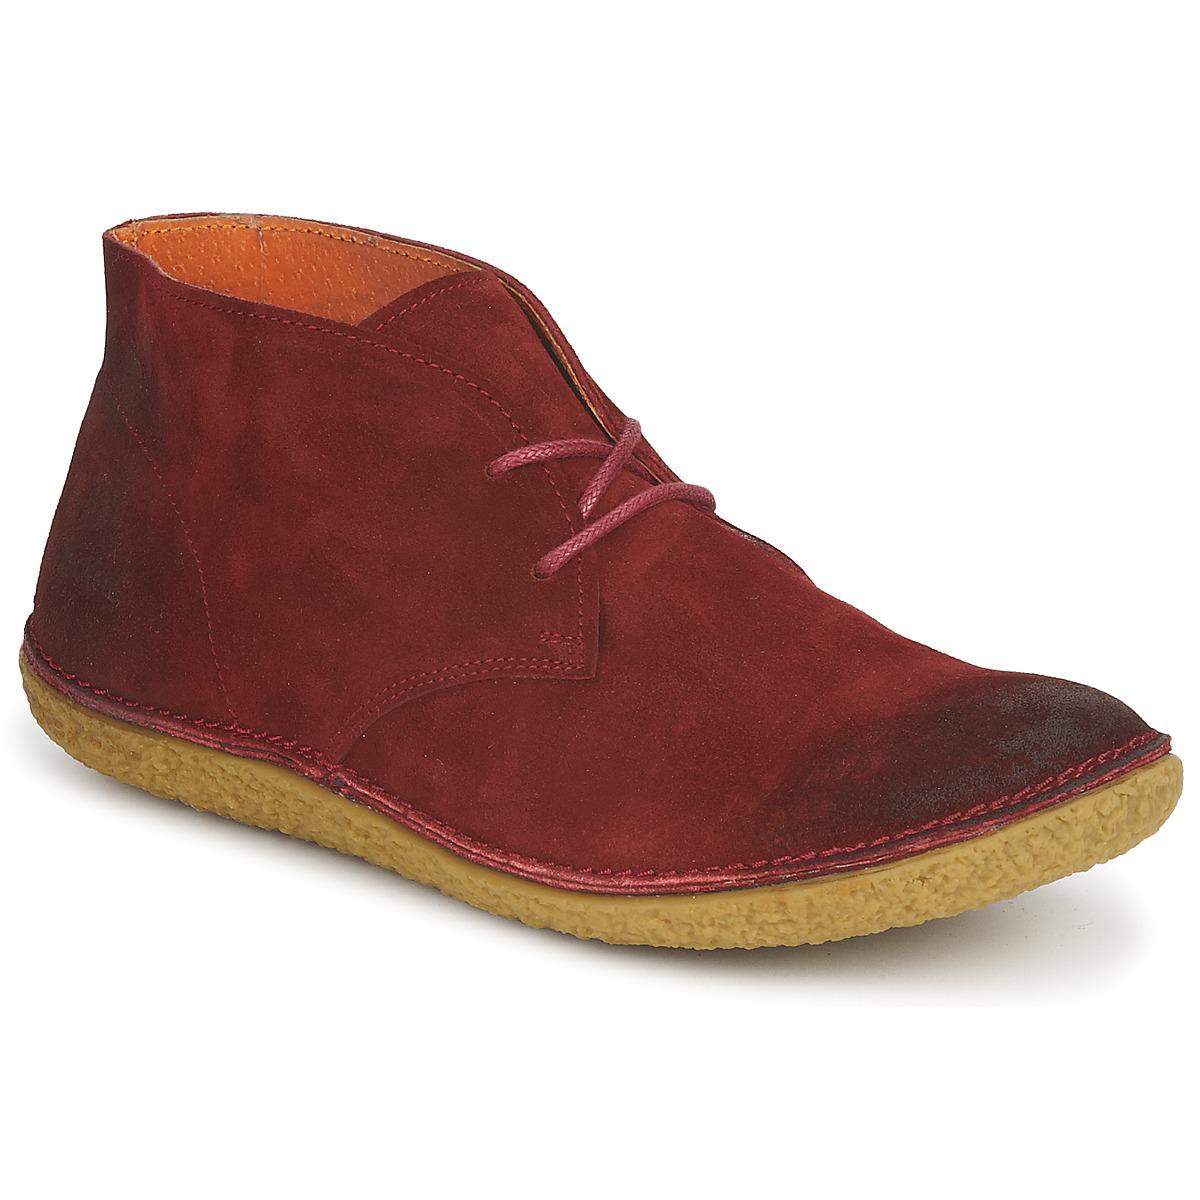 Sélection de chaussures femme Kickers en promotion. Ex : Boots cuir Kickers Hobbobo